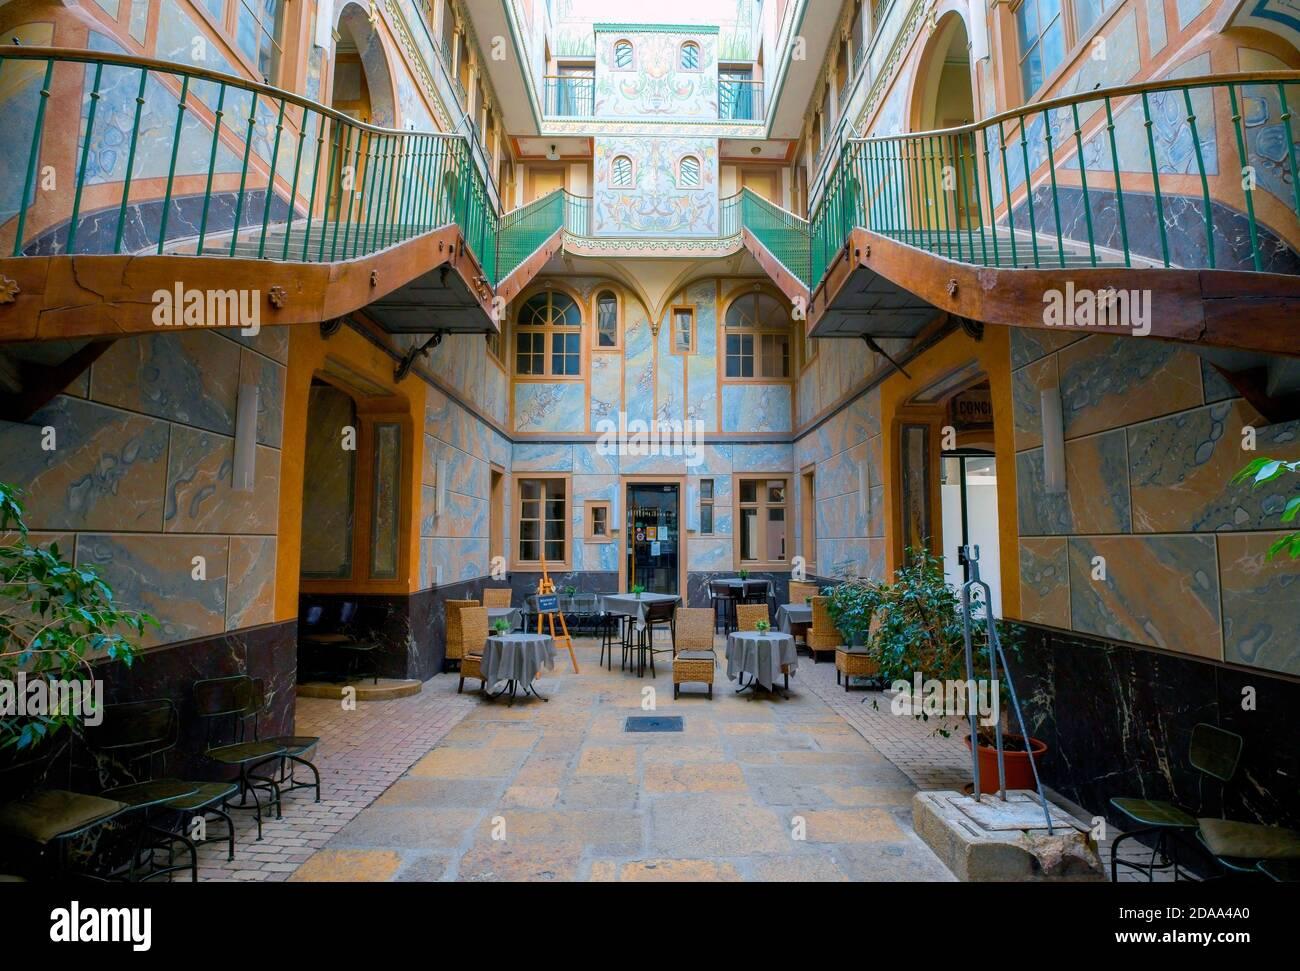 Ancien Manège one of La Chaux-de-Fonds architectural jewels. Canton Neuchâtel, Switzerland. Stock Photo